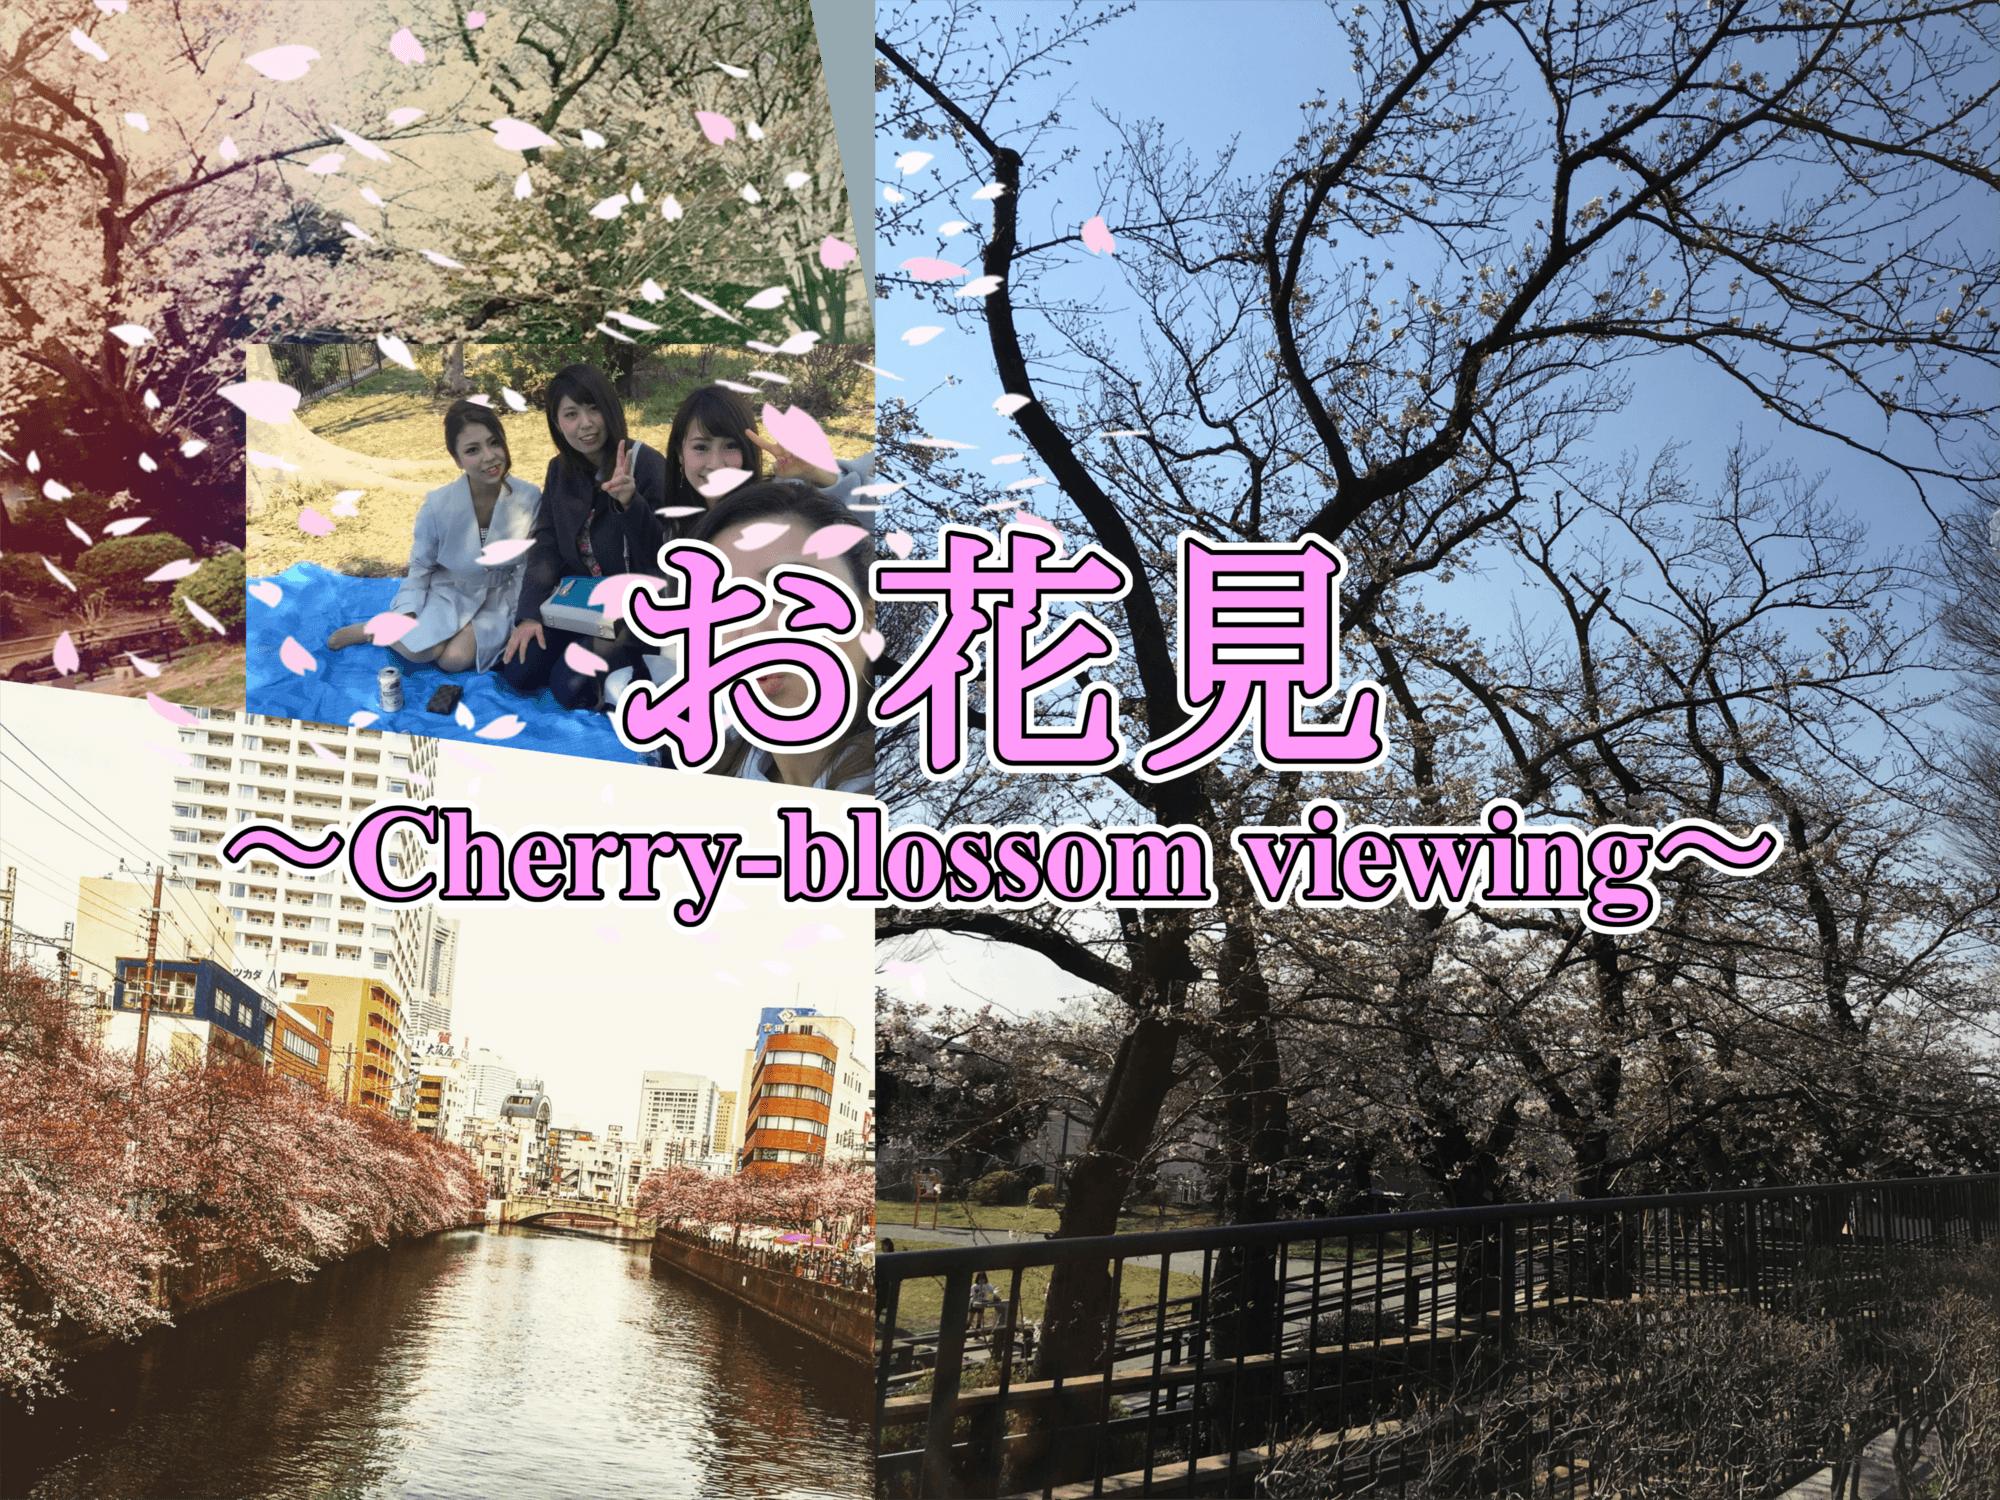 お花見~Cherry-blossom viewing~